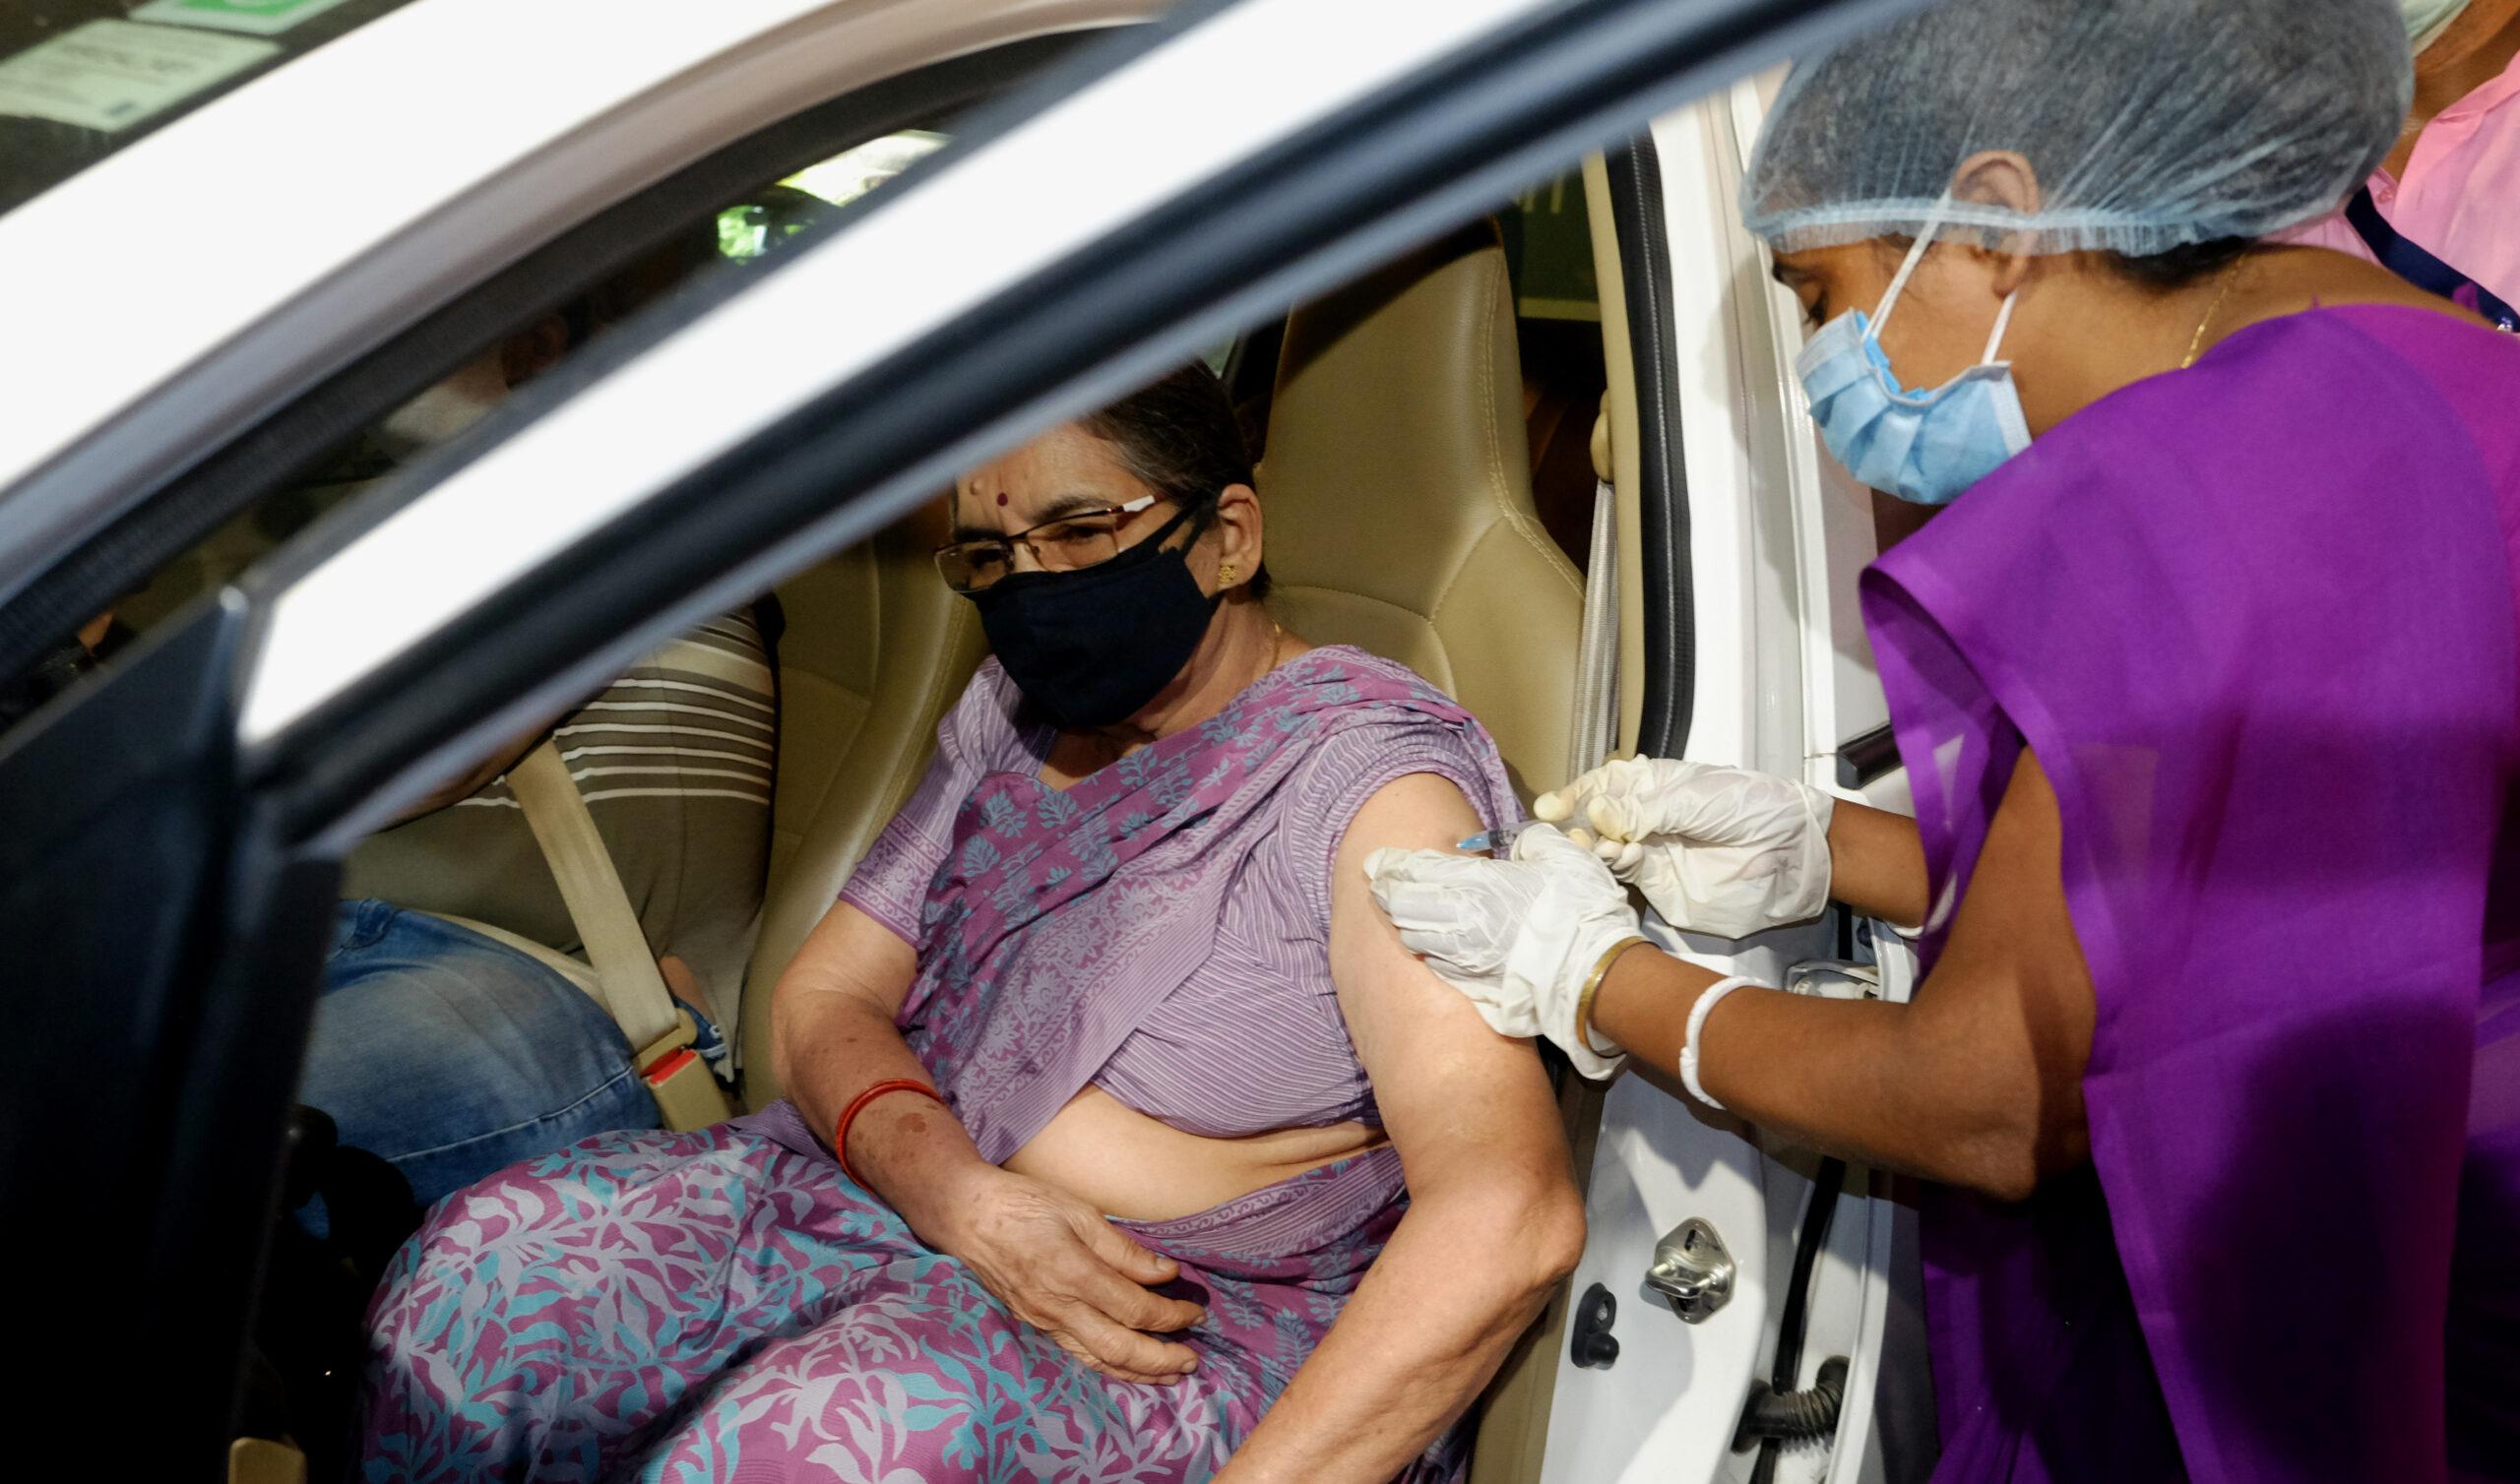 รัฐบาลอินเดียยันไร้หลักฐานวัคซีนโควิด-19 เชื่อมโยง 'เป็นหมัน'